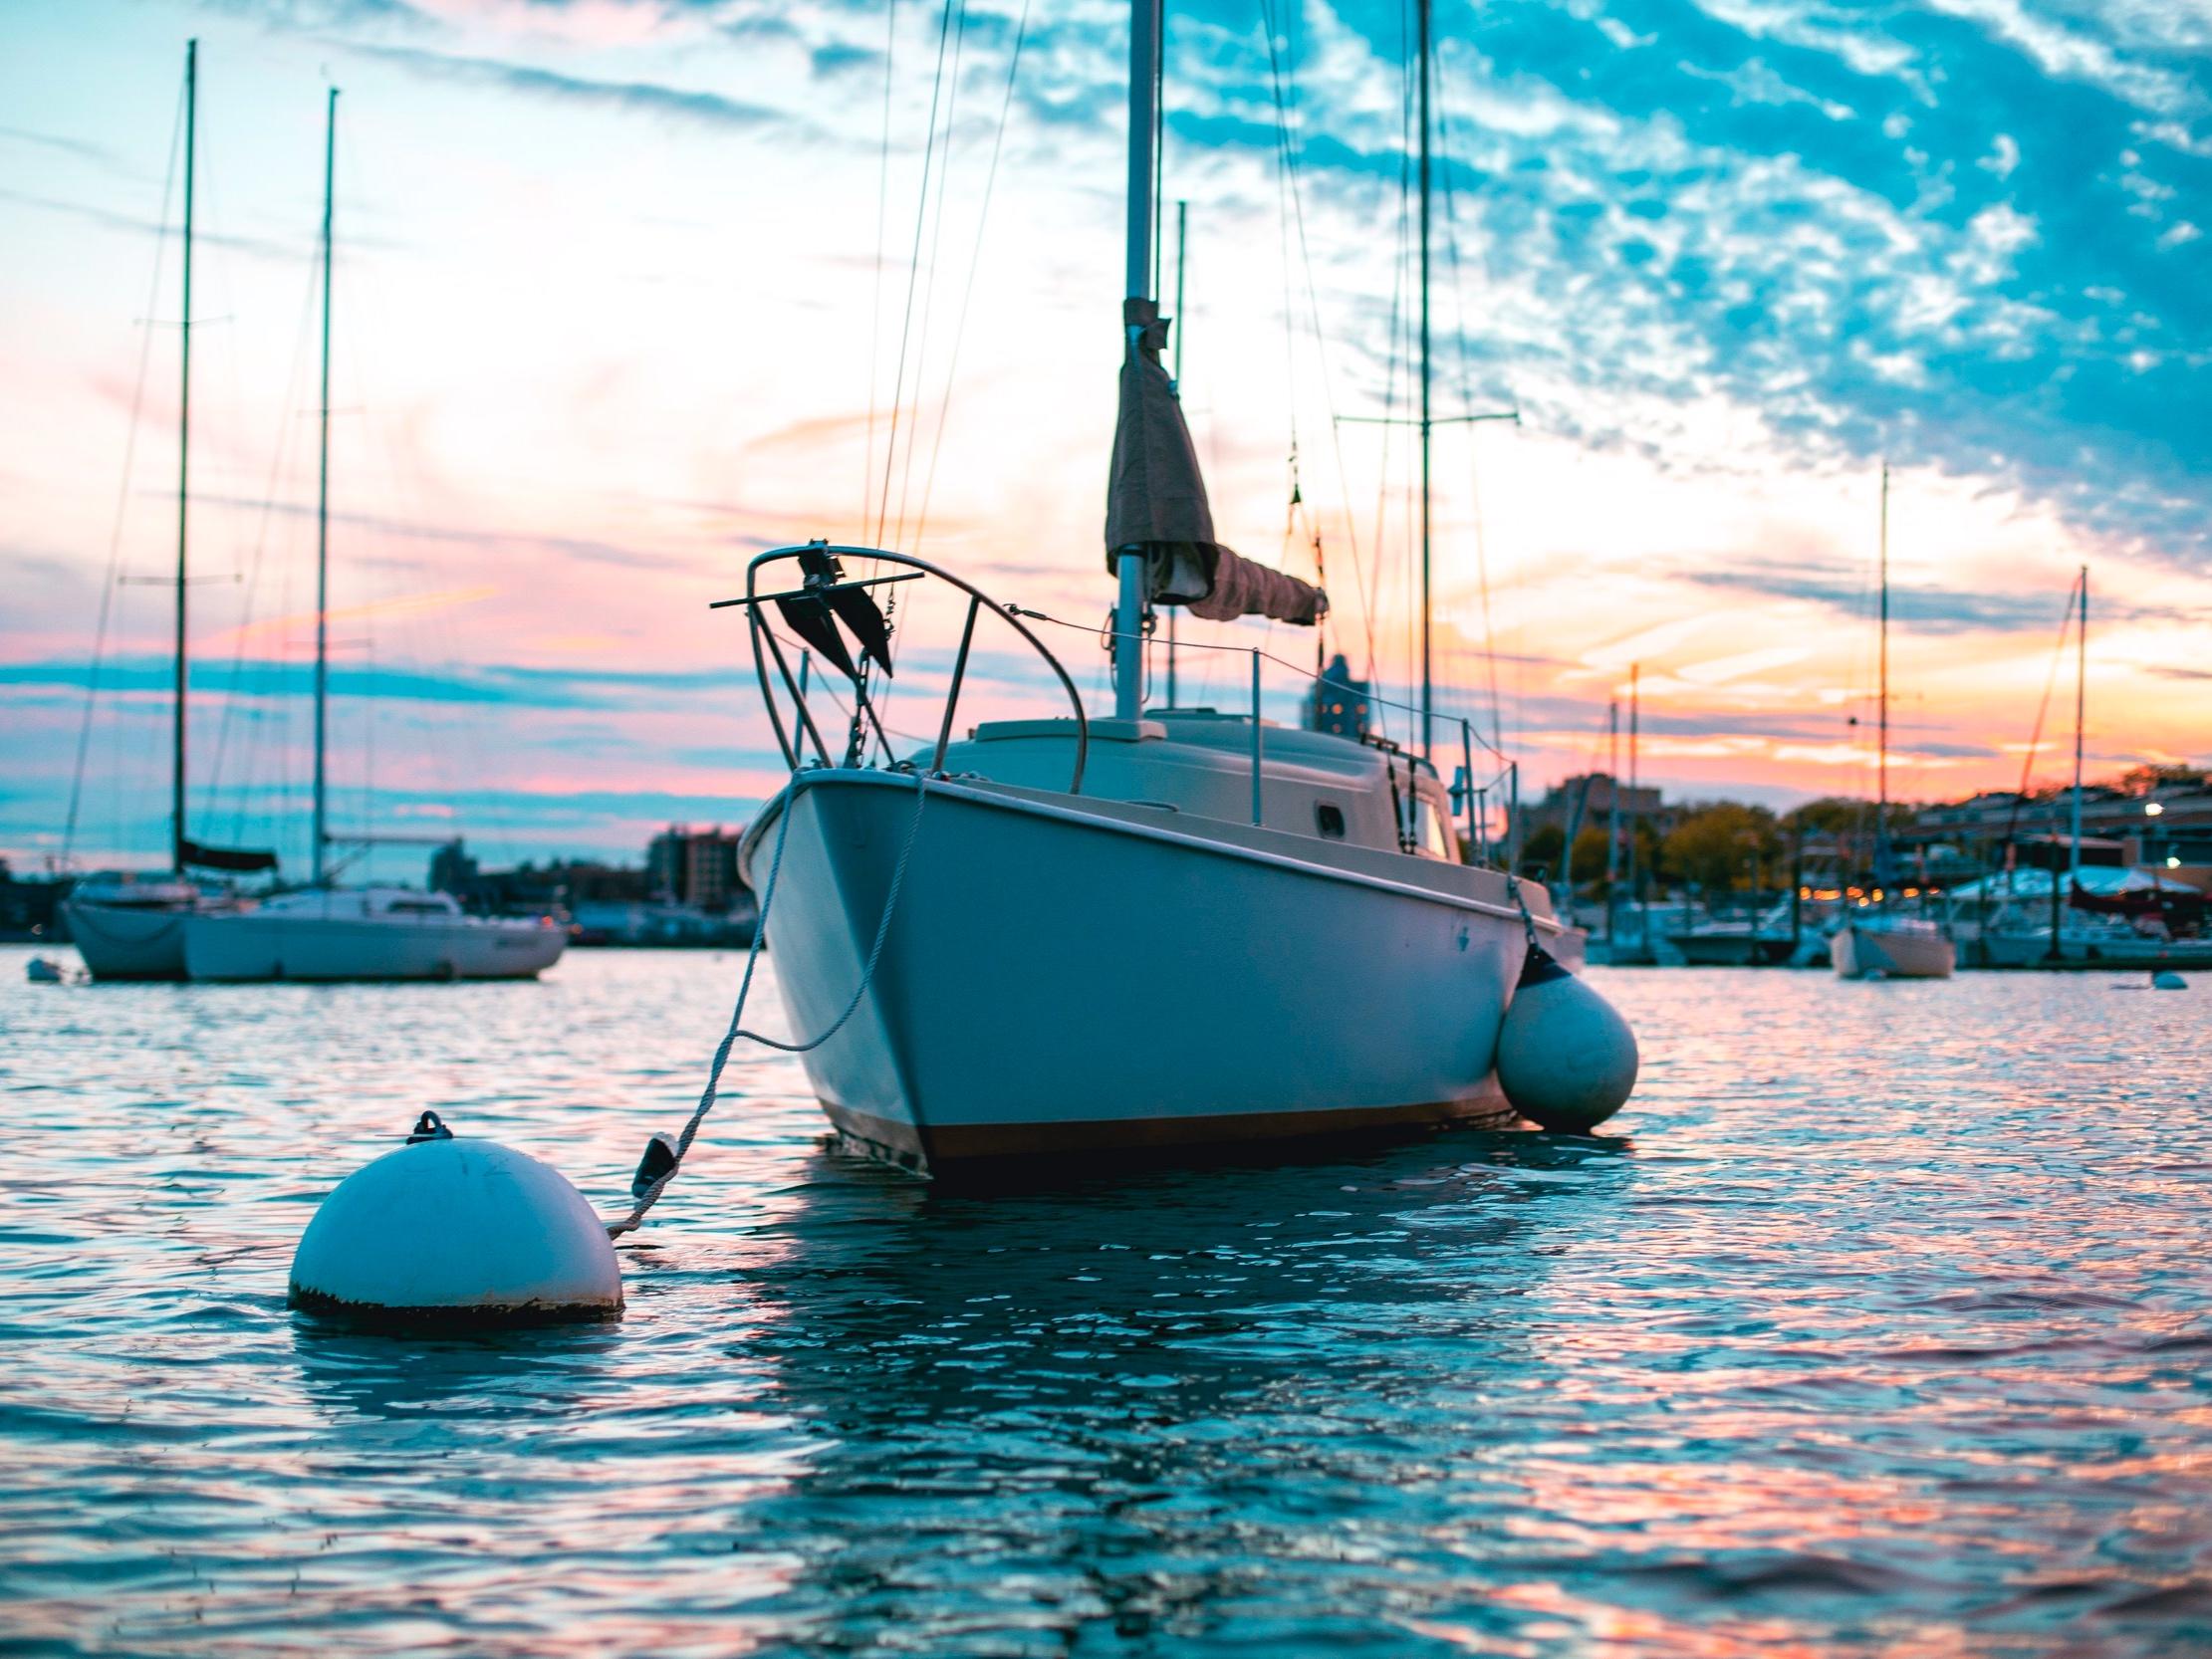 Networking - Sie suchen einen Liegeplatz für Ihr Boot oder einen Personal Trainer? Sie brauchen kurzfristig Personal für Ihren Haushalt? Wir verfügen über das Netzwerk und können die entsprechenden Kontakte vermitteln.